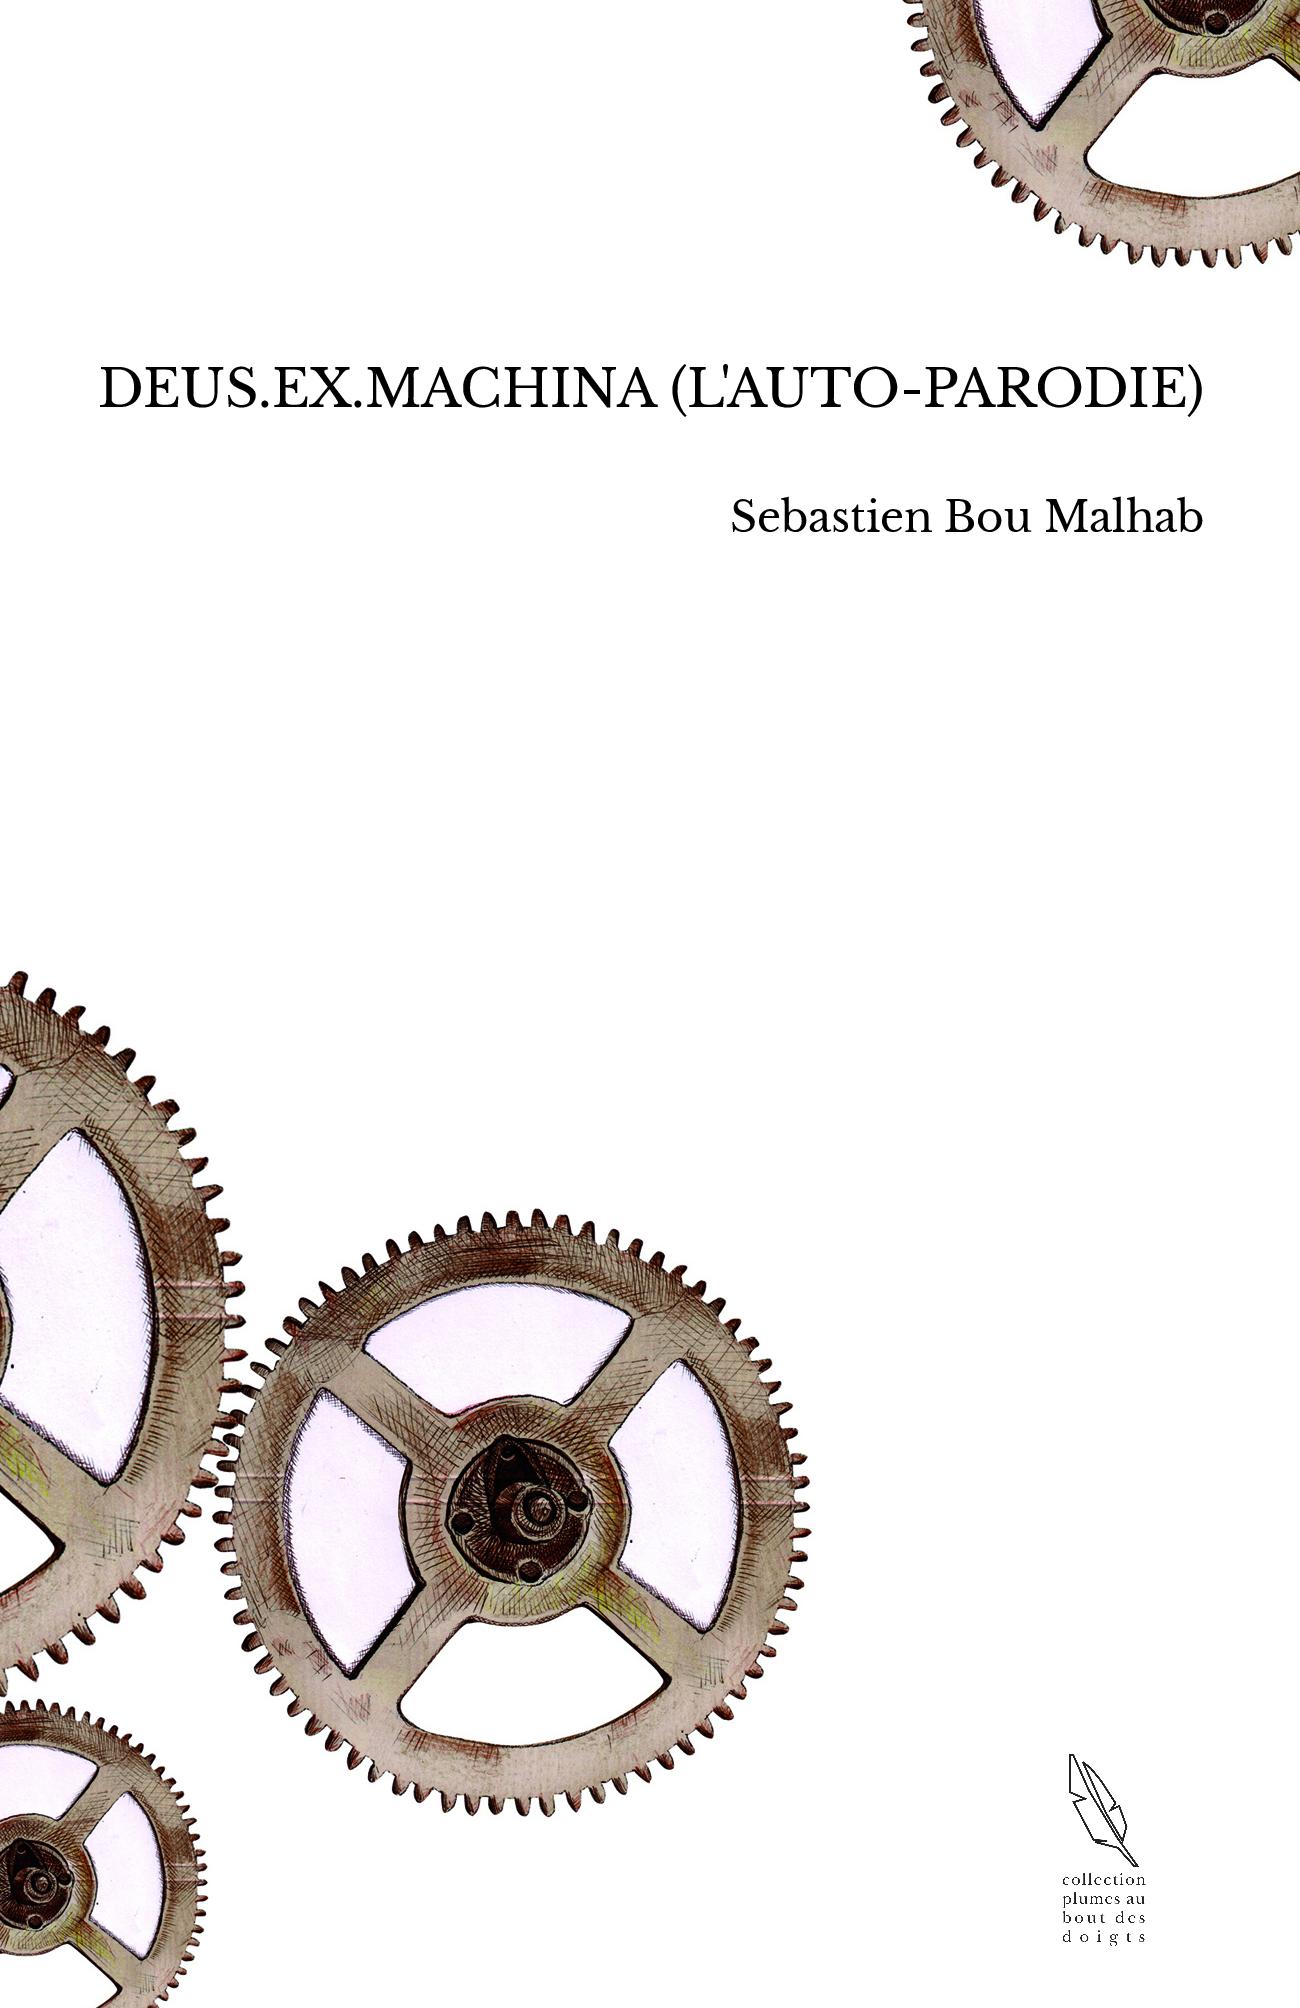 DEUS.EX.MACHINA (L'AUTO-PARODIE)